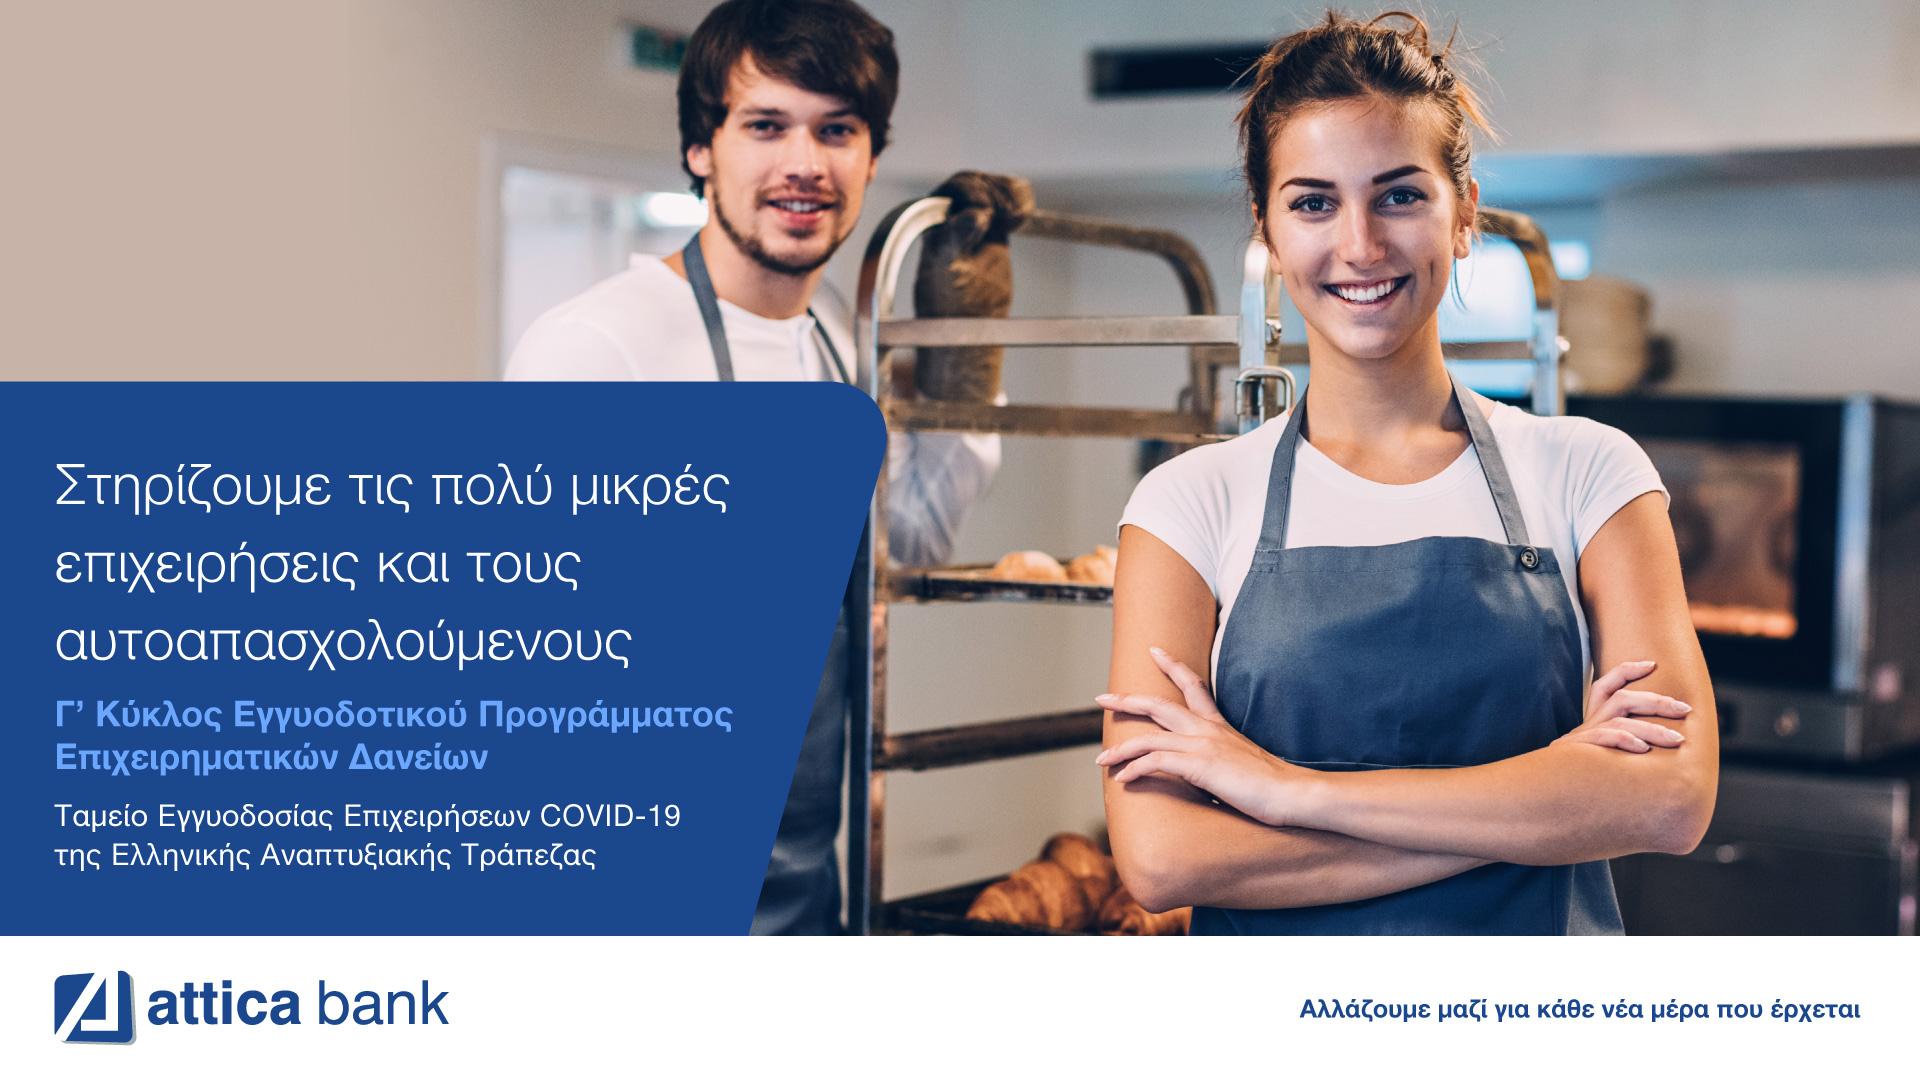 Μία νέα προοπτική για τους αυτοαπασχολούμενους και τις πολύ μικρές επιχειρήσεις